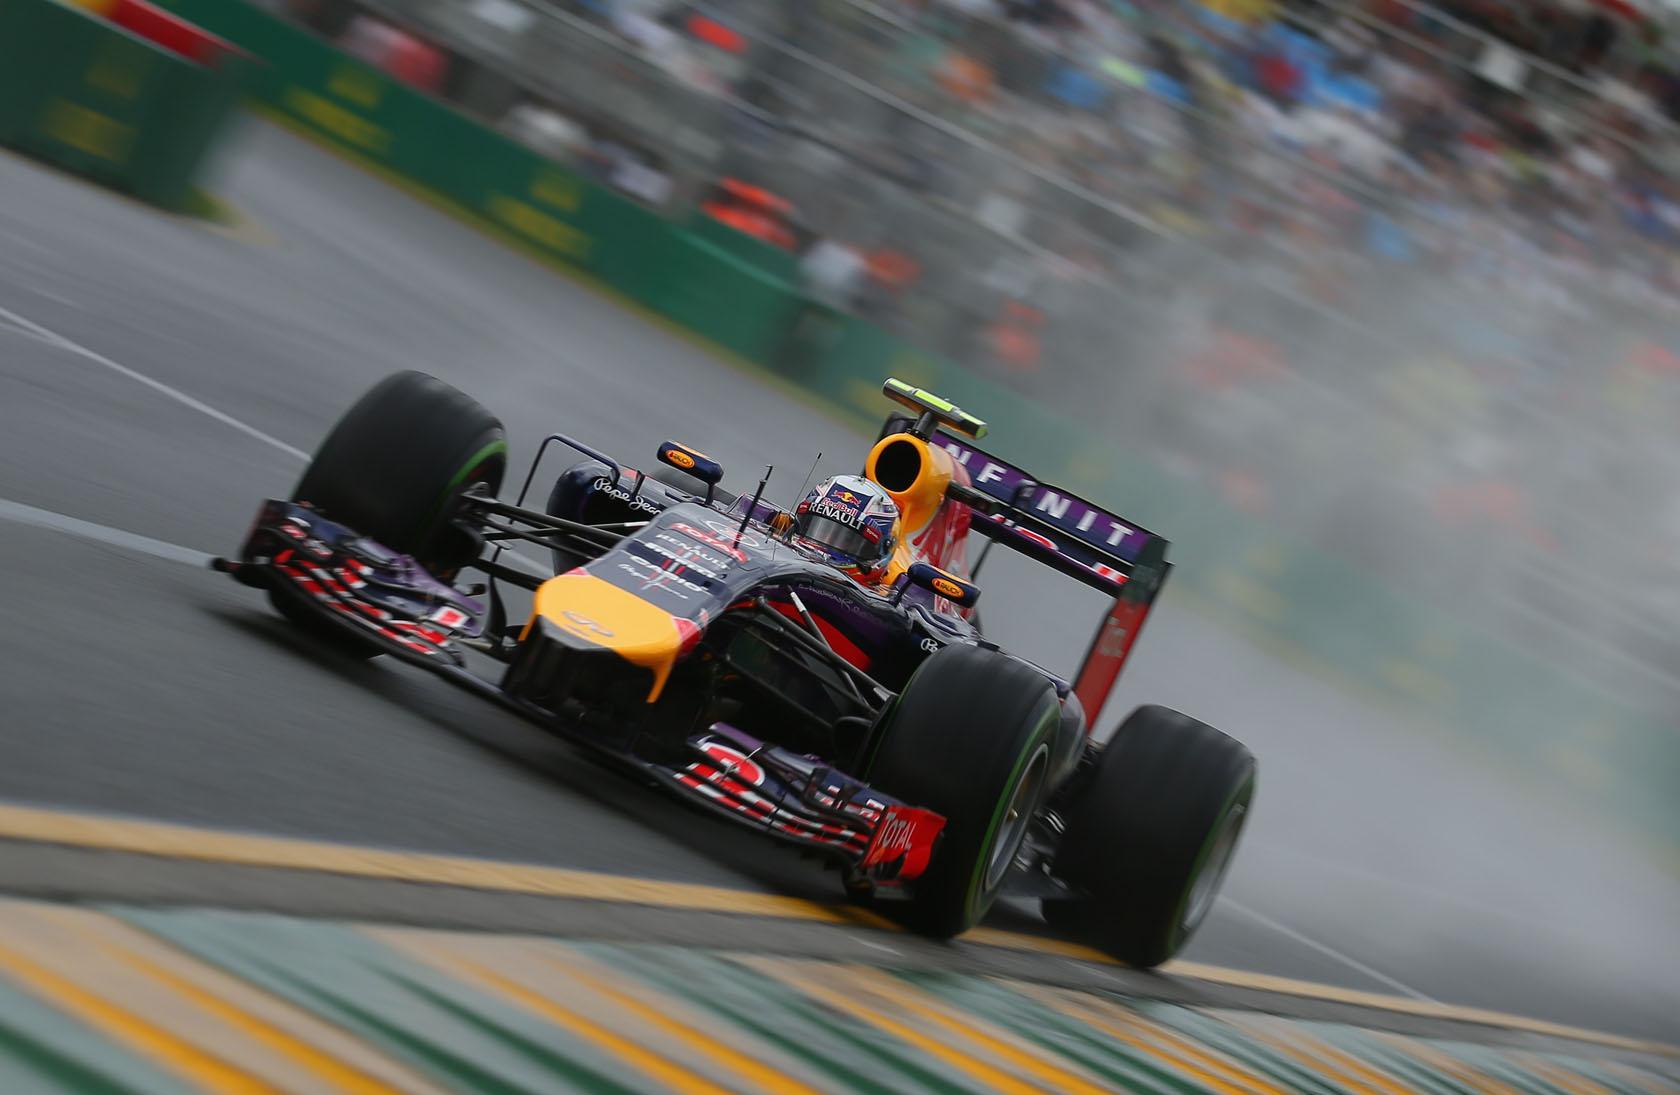 """Nem nyerhet a Red Bull a bíráságon, máskülönben hatalmas káosz és """"anarchia"""" lehet a Forma-1-ben"""